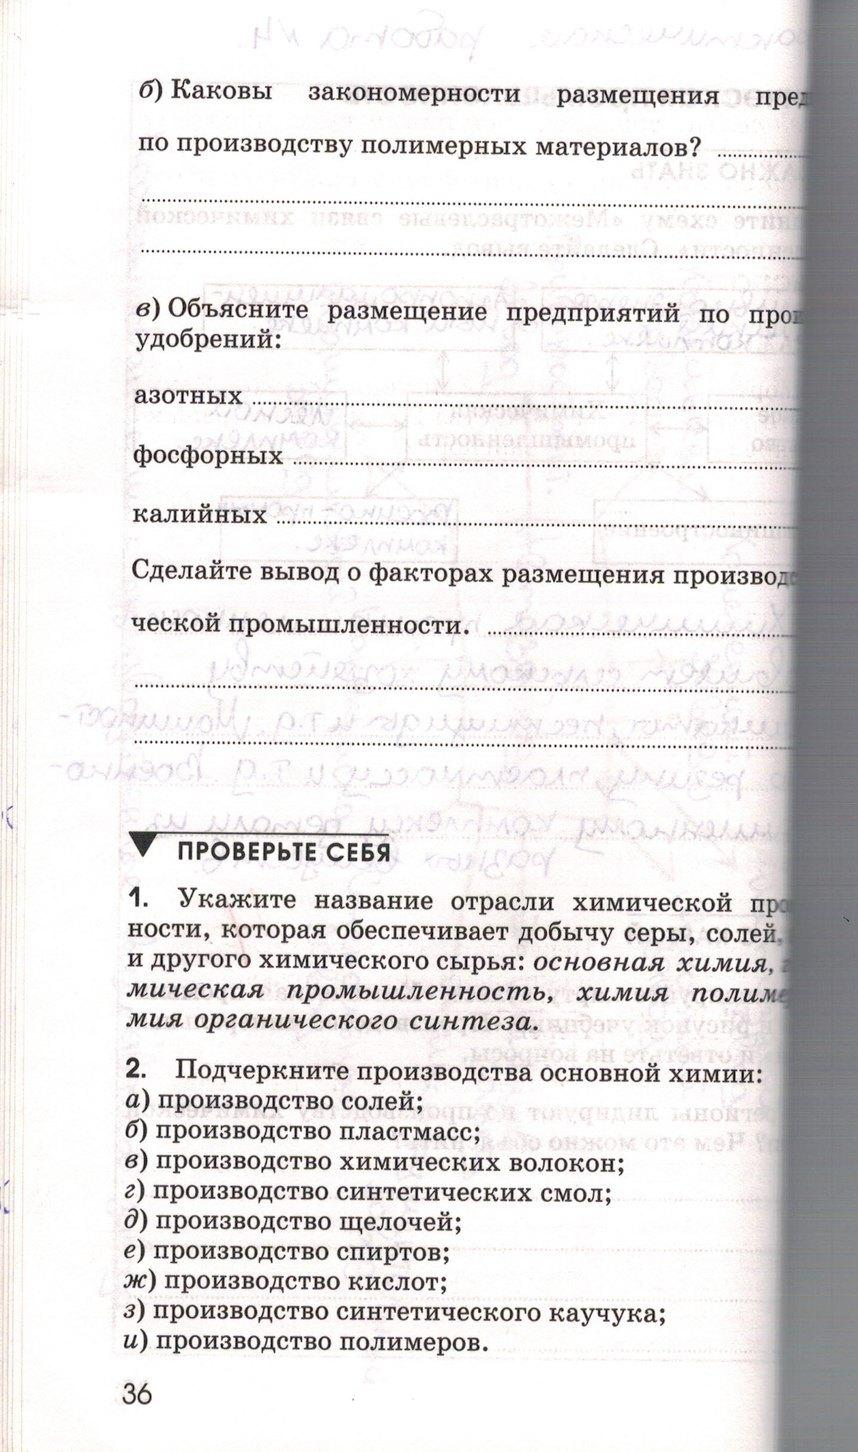 Гдз по тетради по географии 8 класс ким марченко низовцев